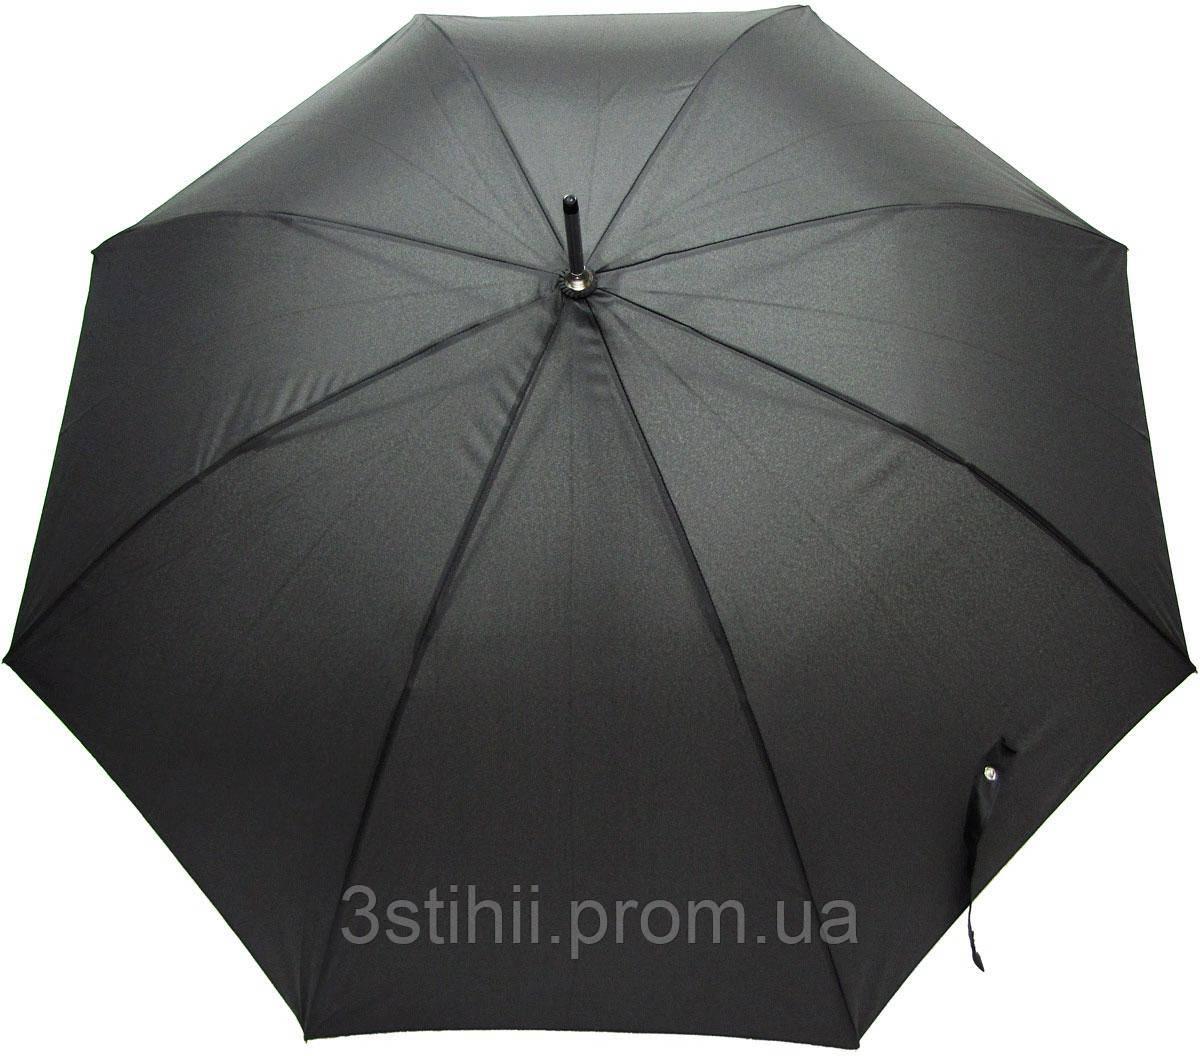 Зонт-трость Doppler 740167-3 полуавтомат Черный